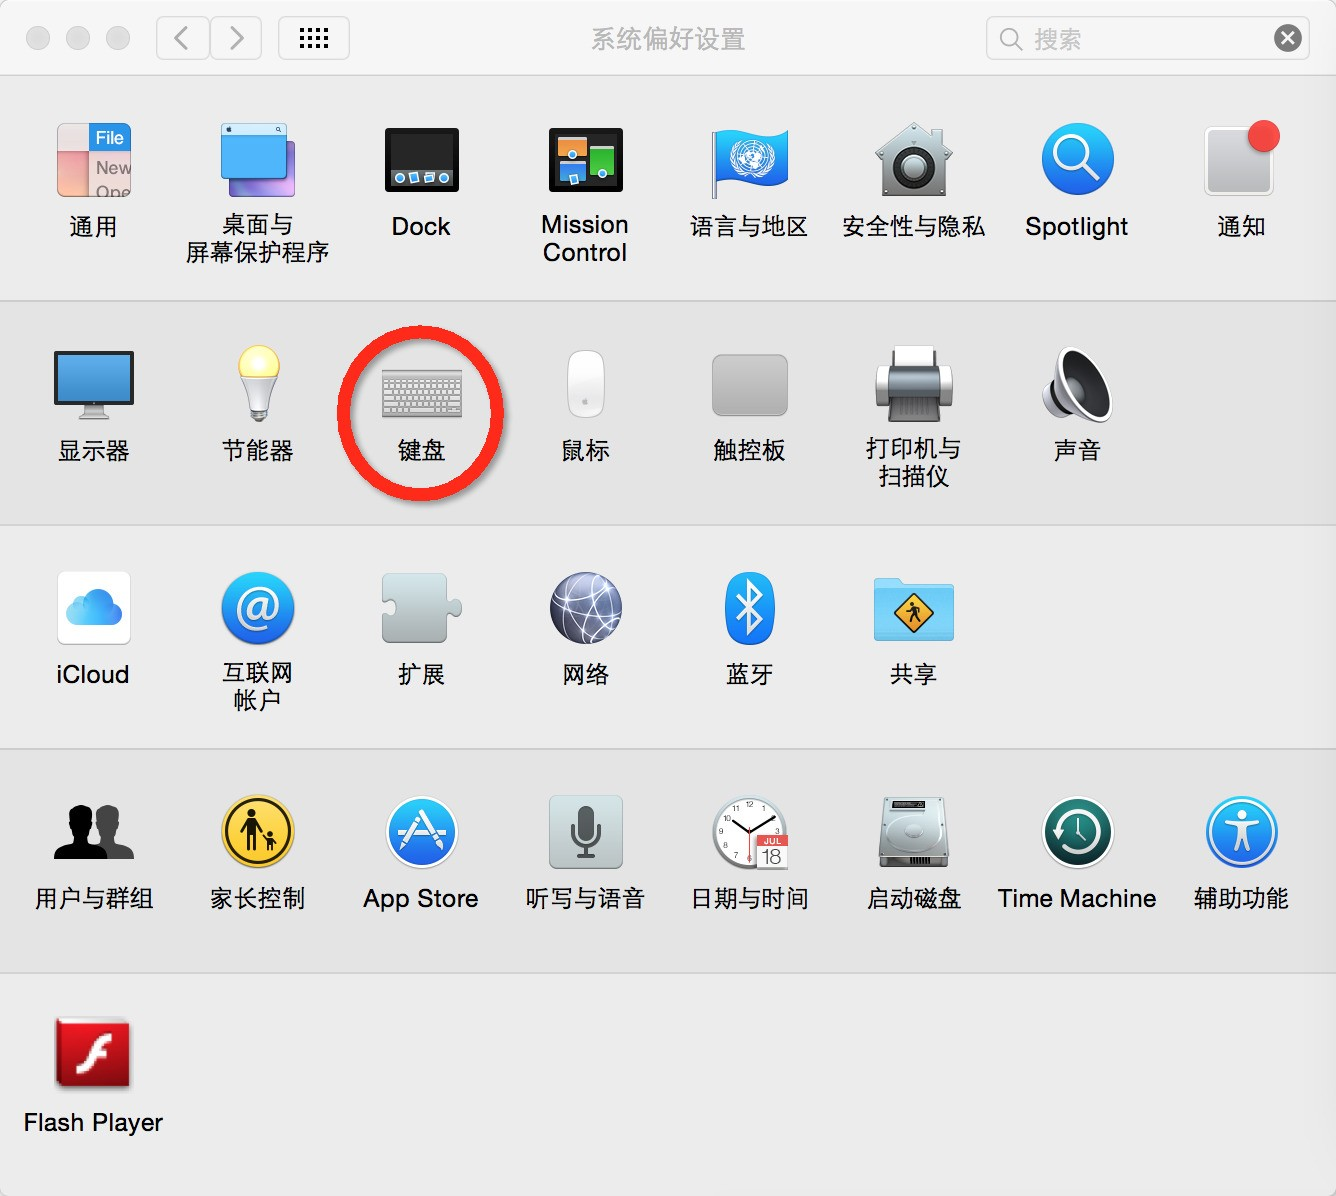 苹果电脑怎么切换输入法?Mac系统输入法切换快捷键设置-装机专家